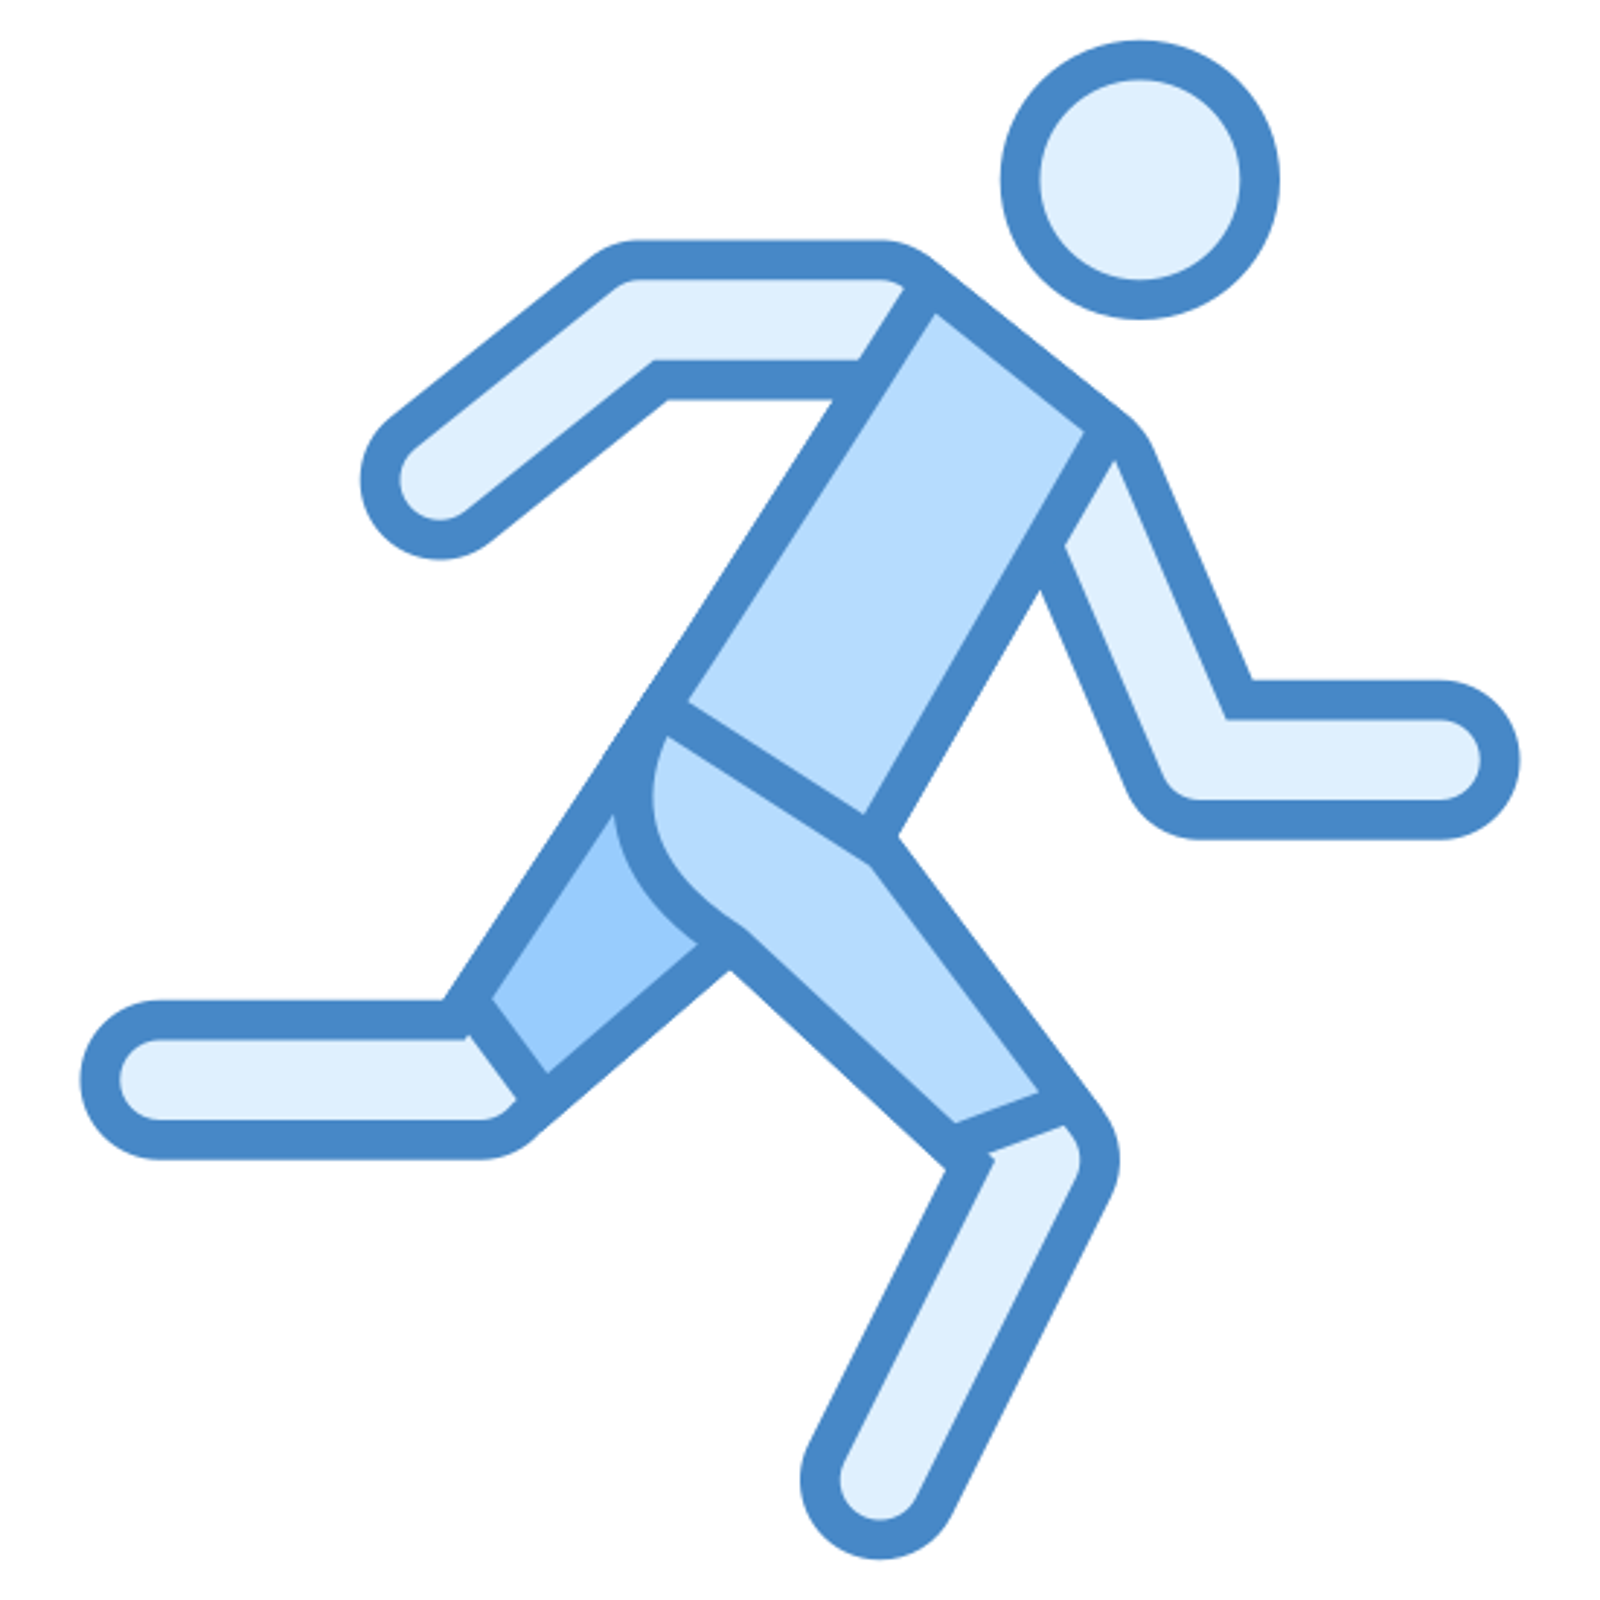 Bieganie icon